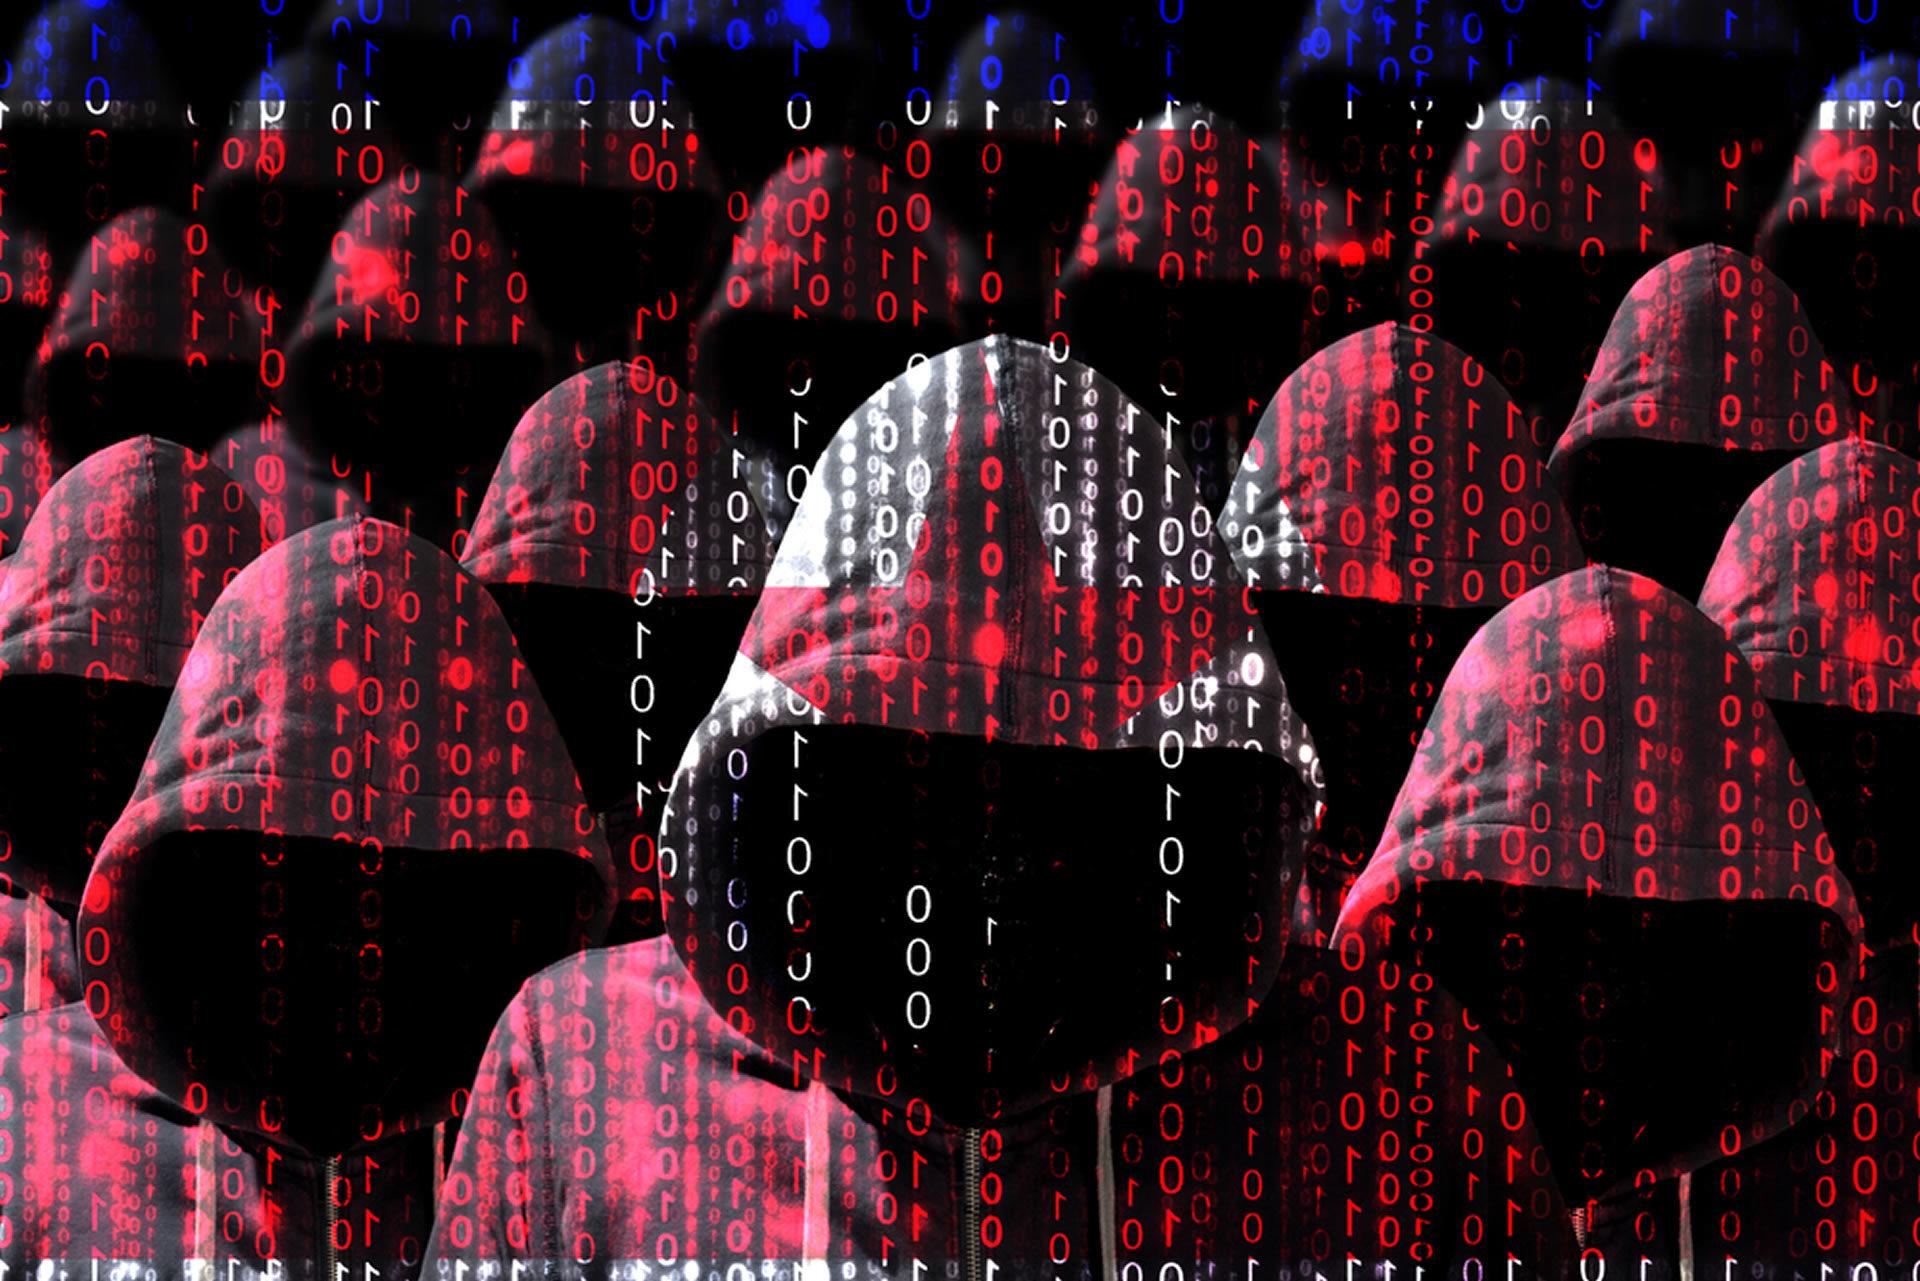 north korea crypto hacking